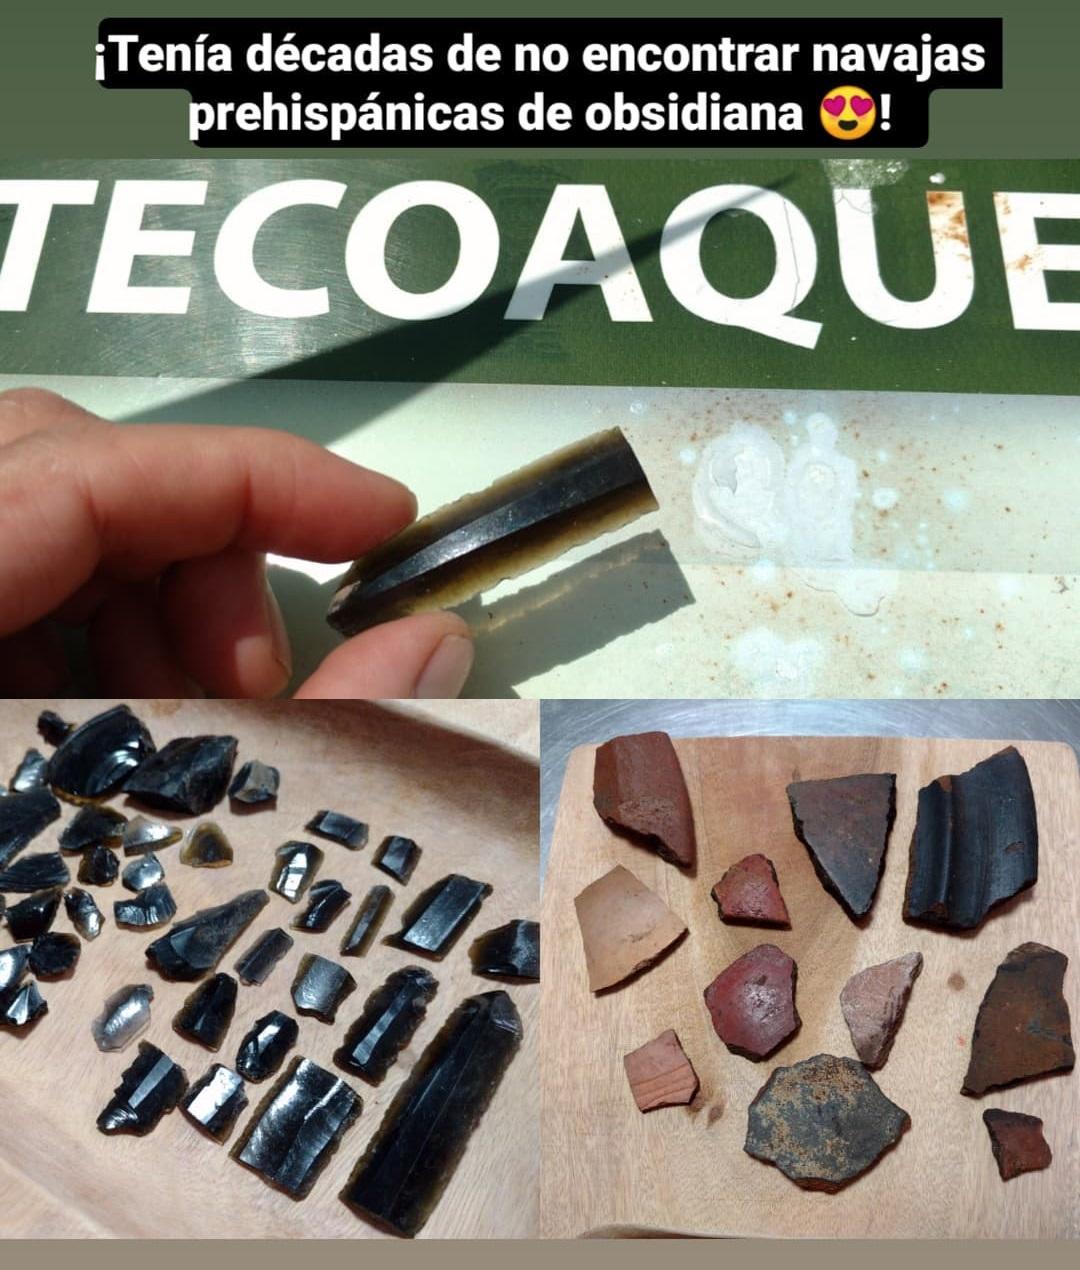 Navajas prehispánicas de obsidiana.